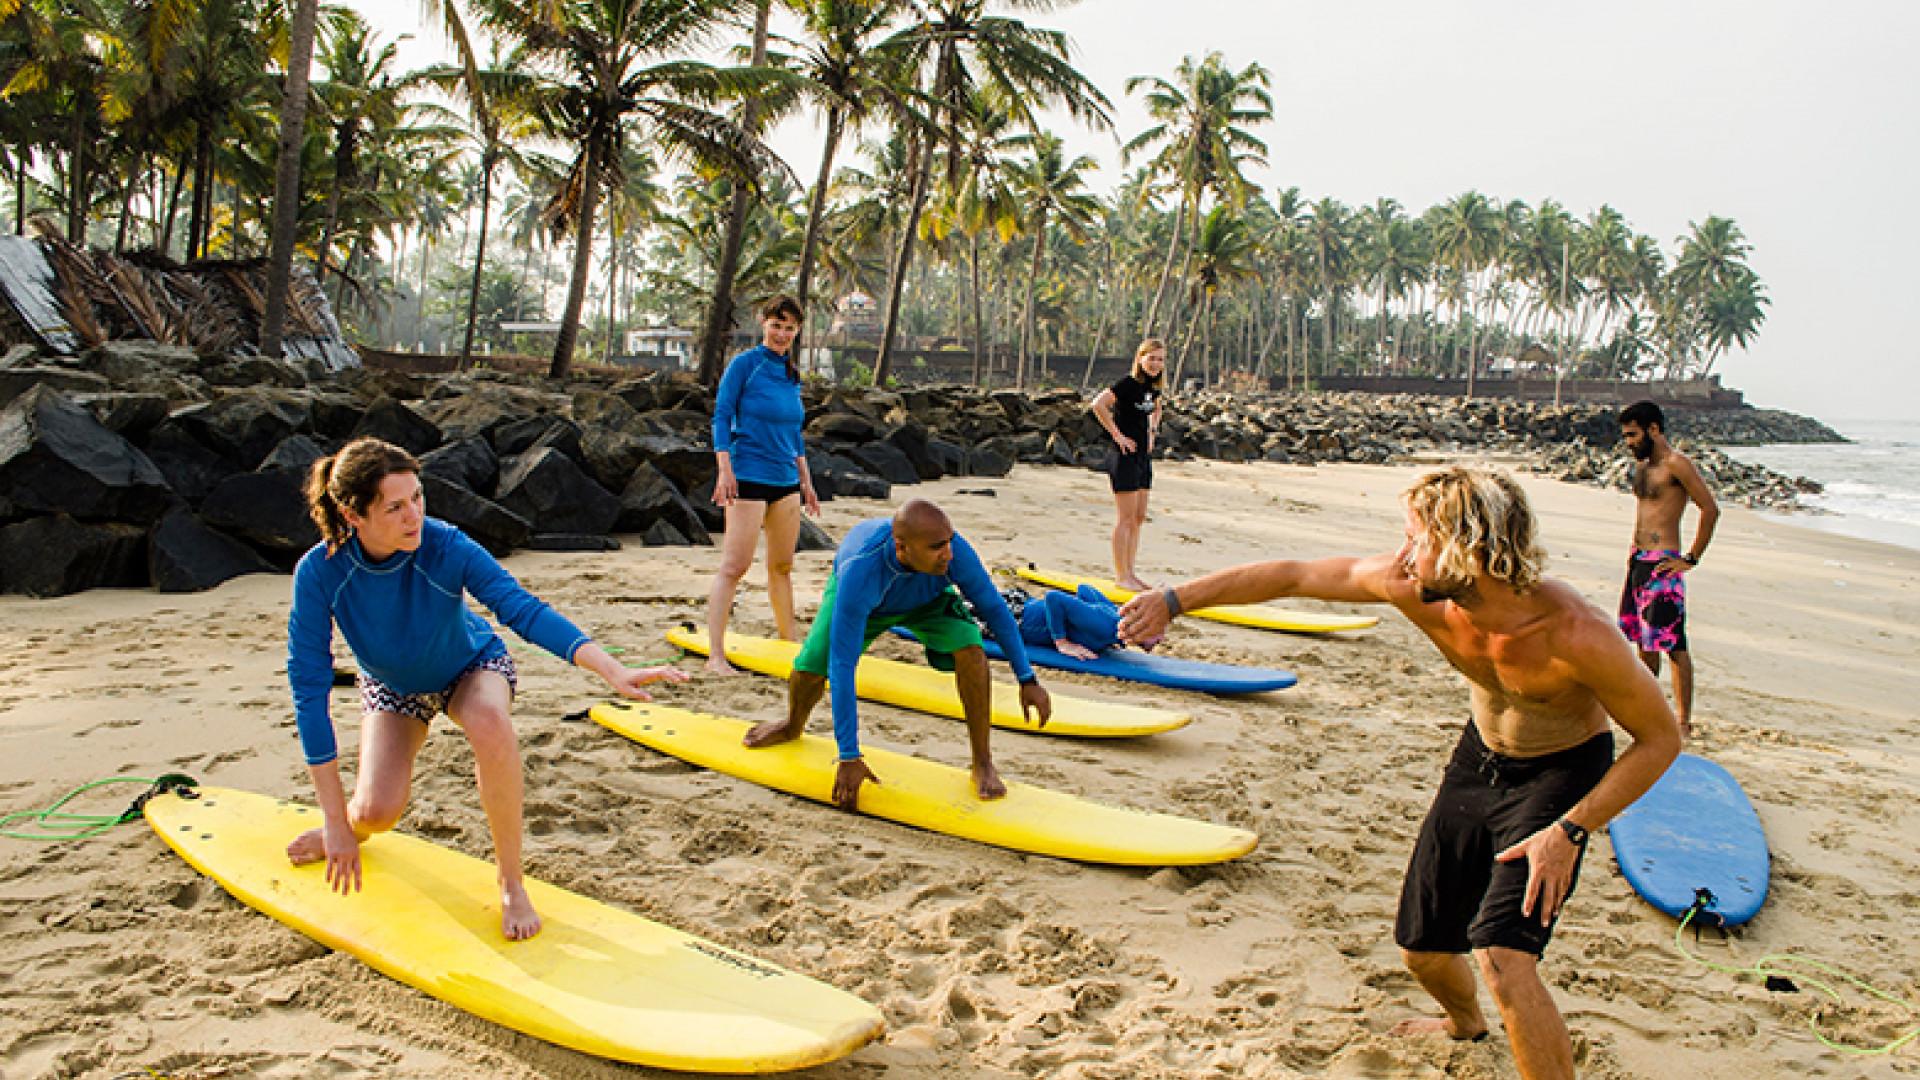 Soul-&-Surf-Surf-lesson